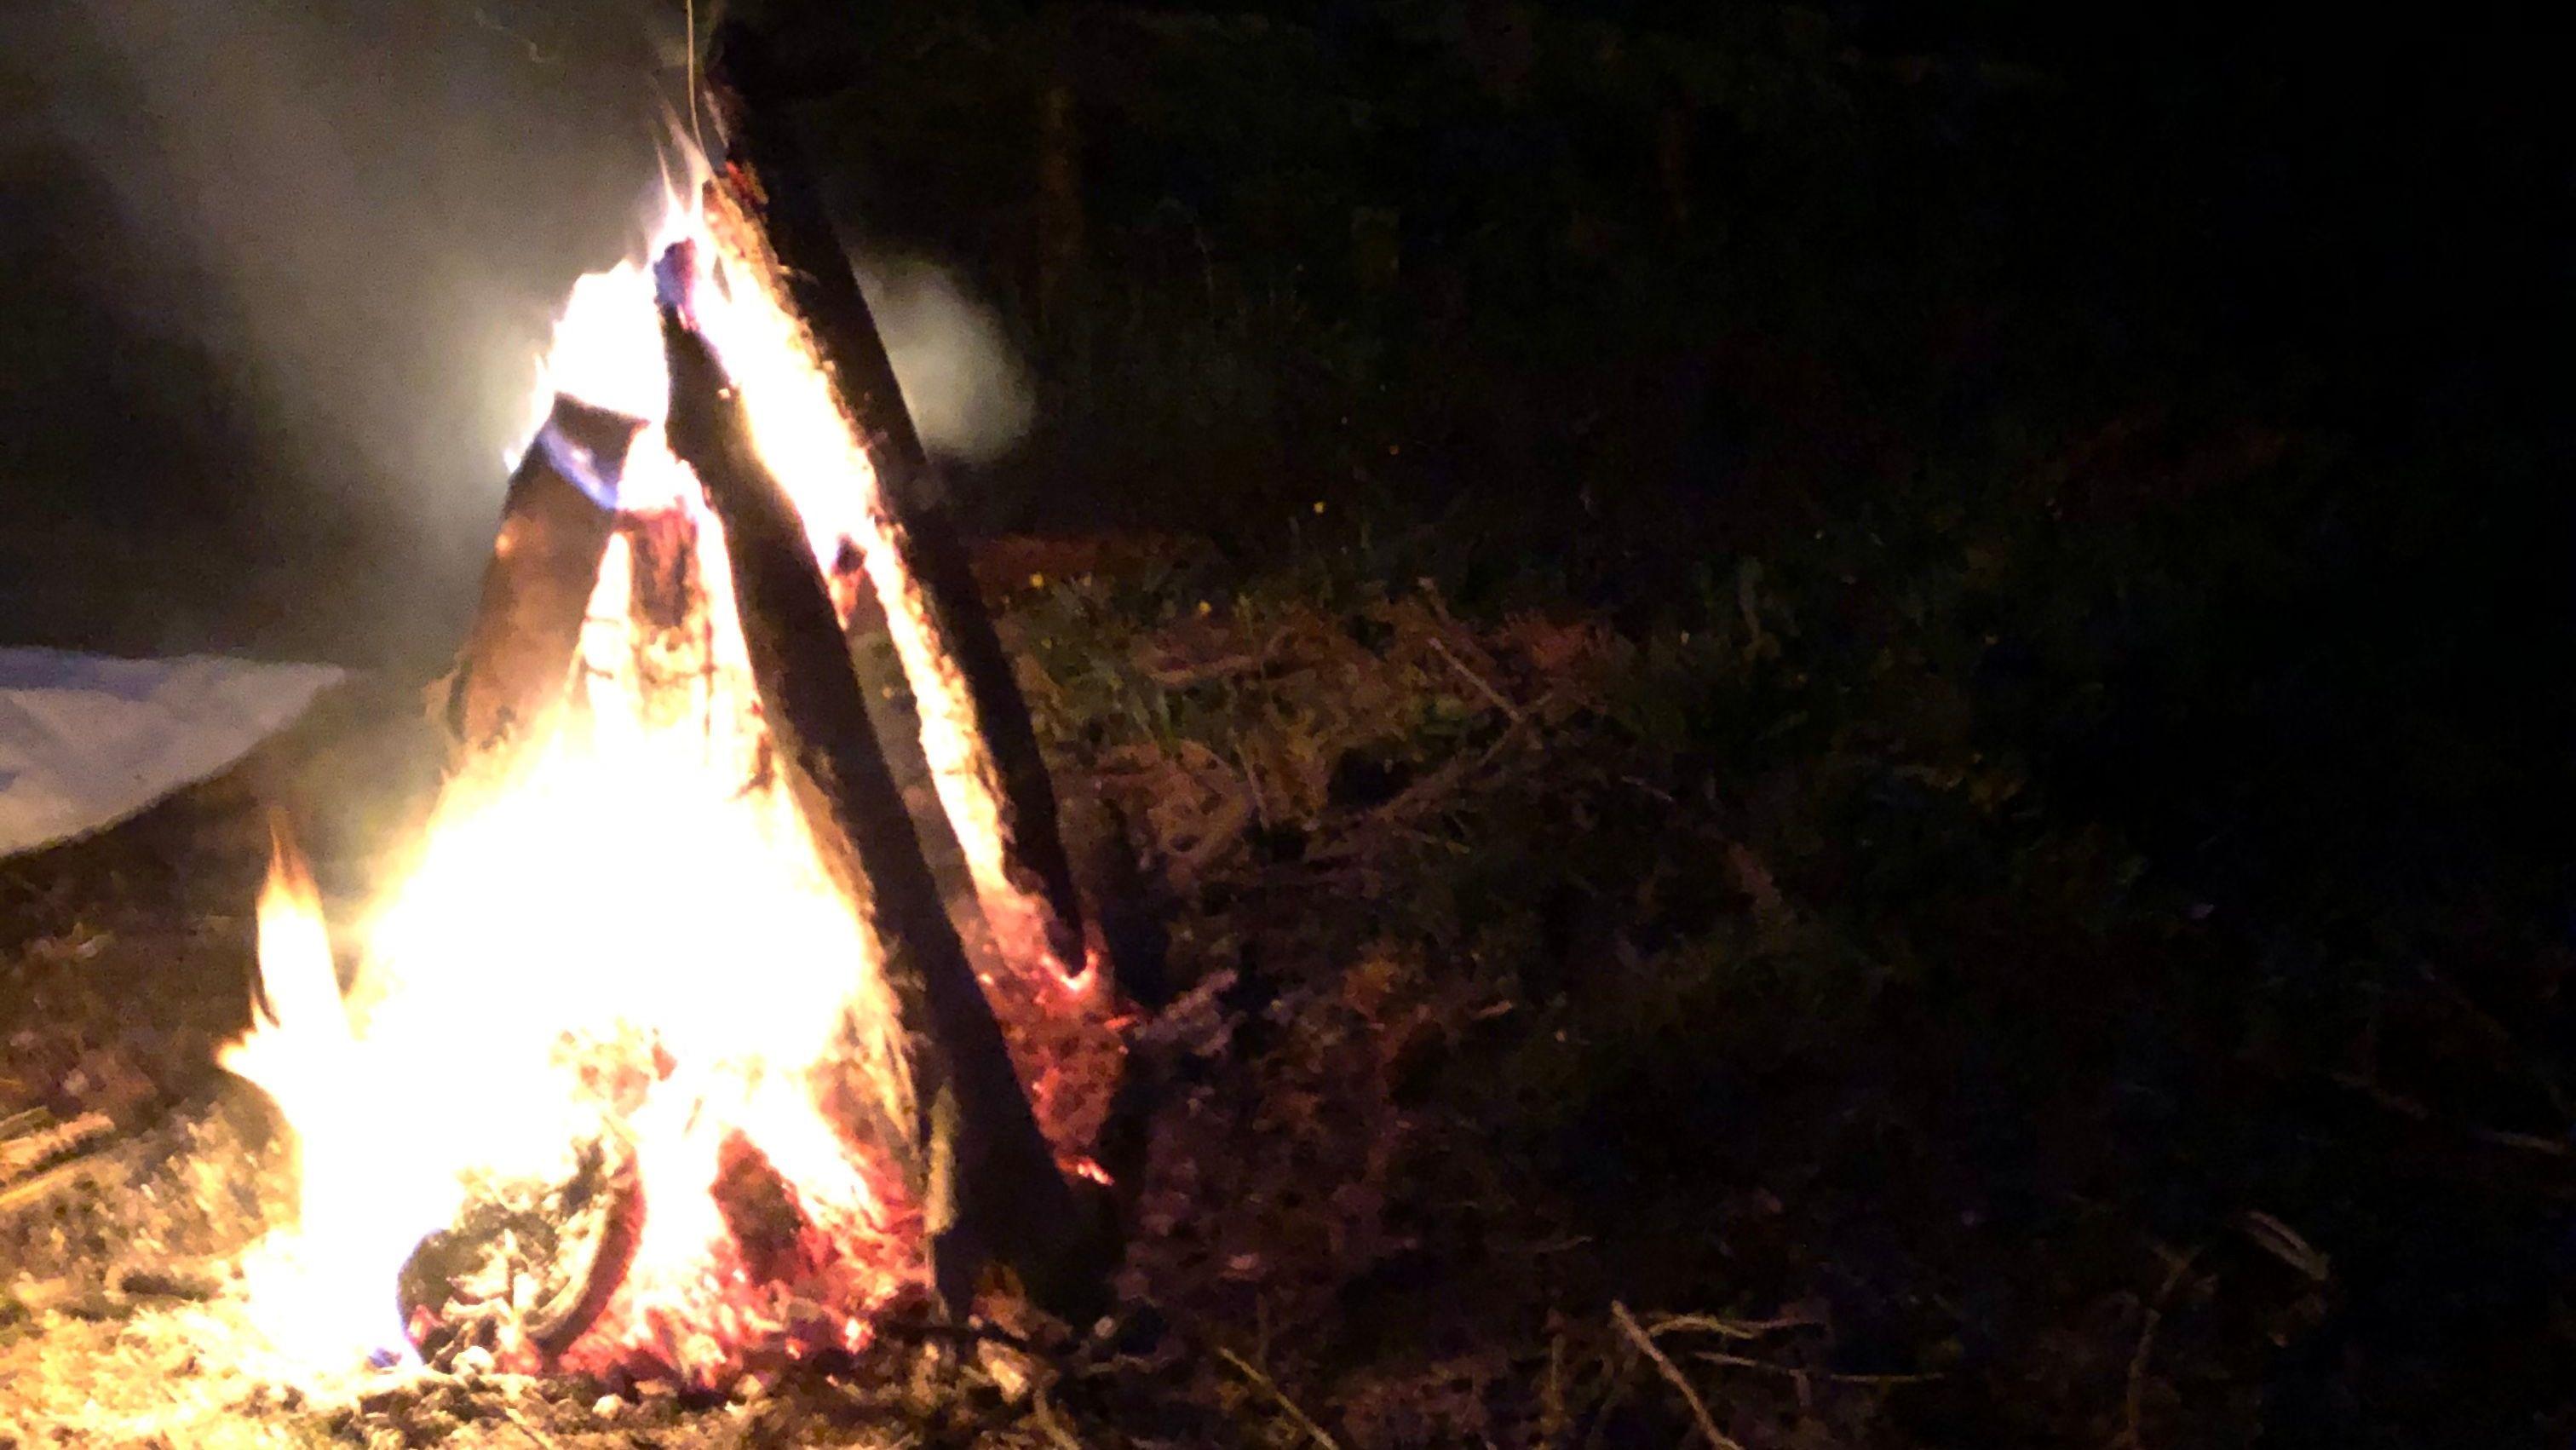 Diese Feuer sollten vor dem Nachtfrost schützen